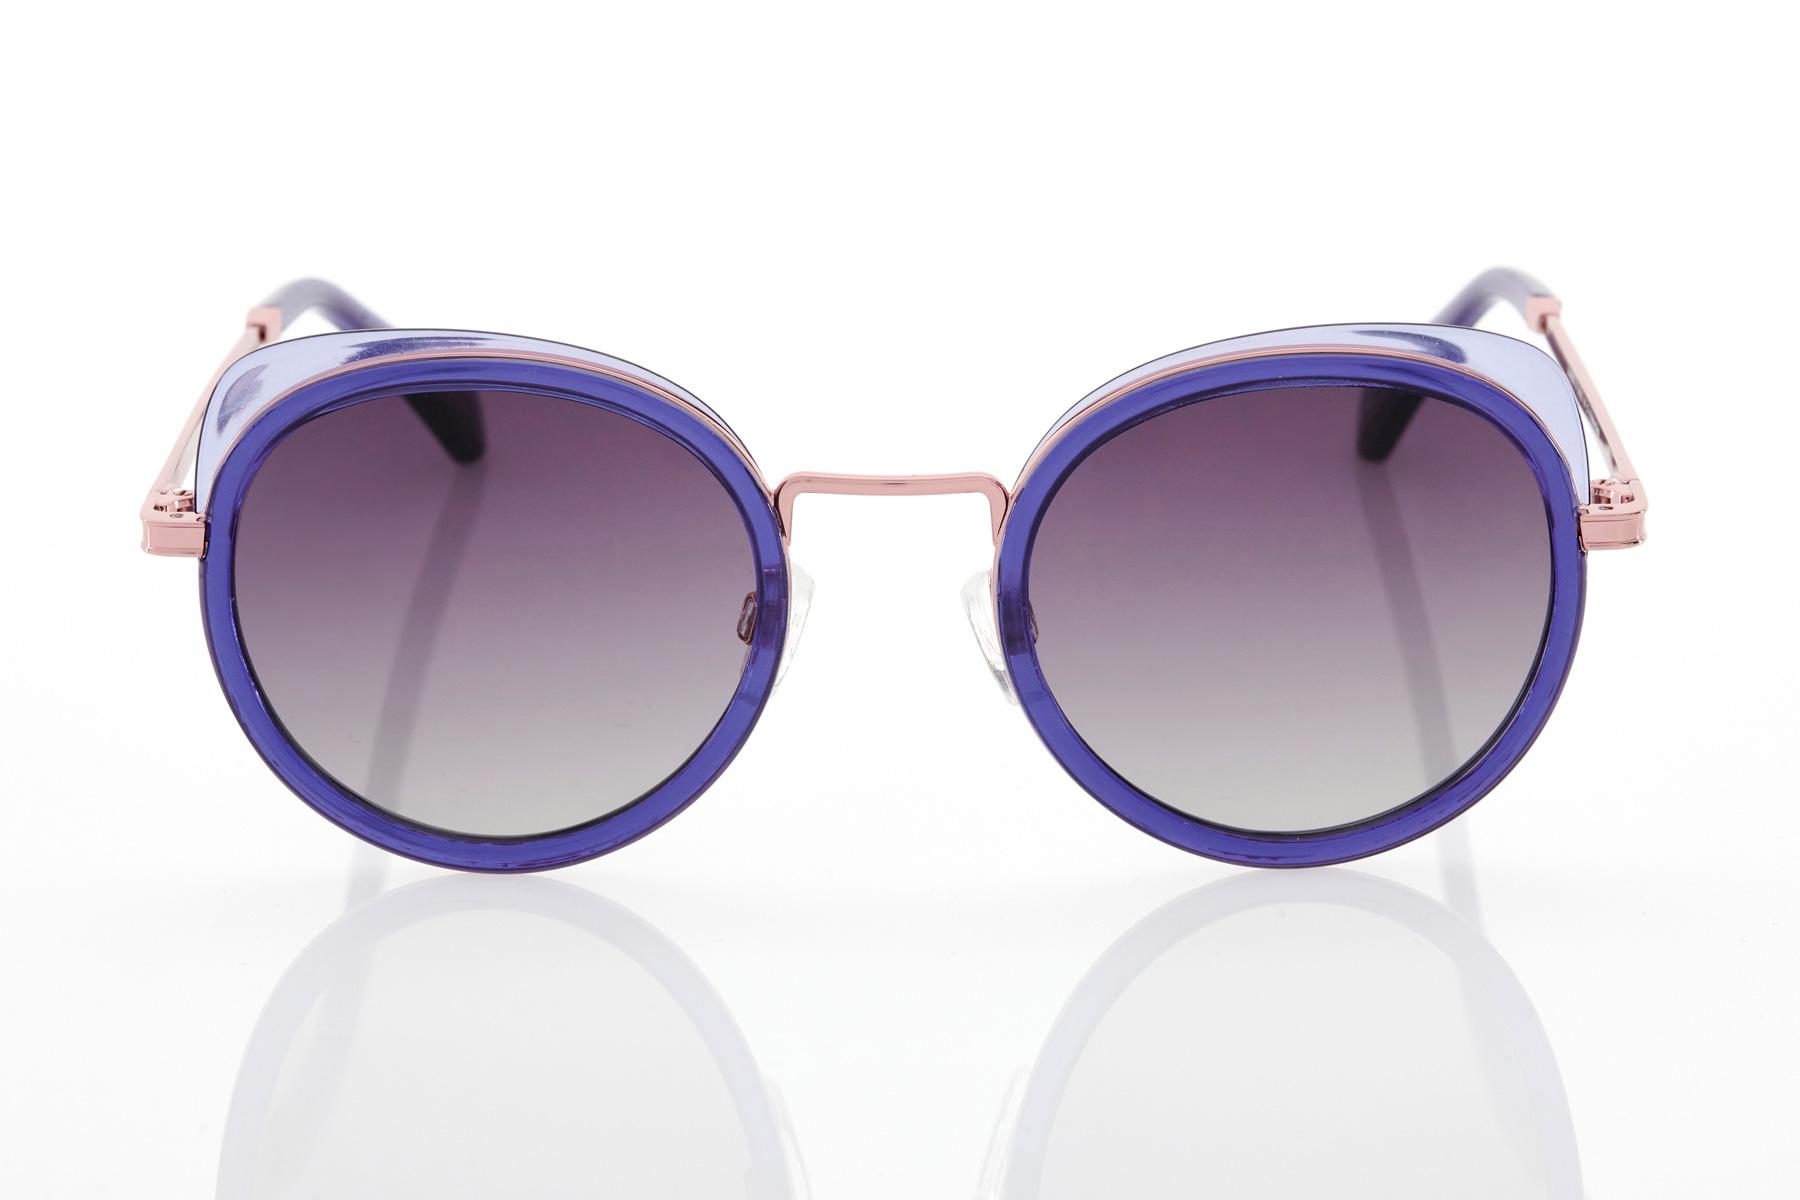 Μπλε Γυναικεία Γυαλιά Ηλίου Hawkers Milady Indaco